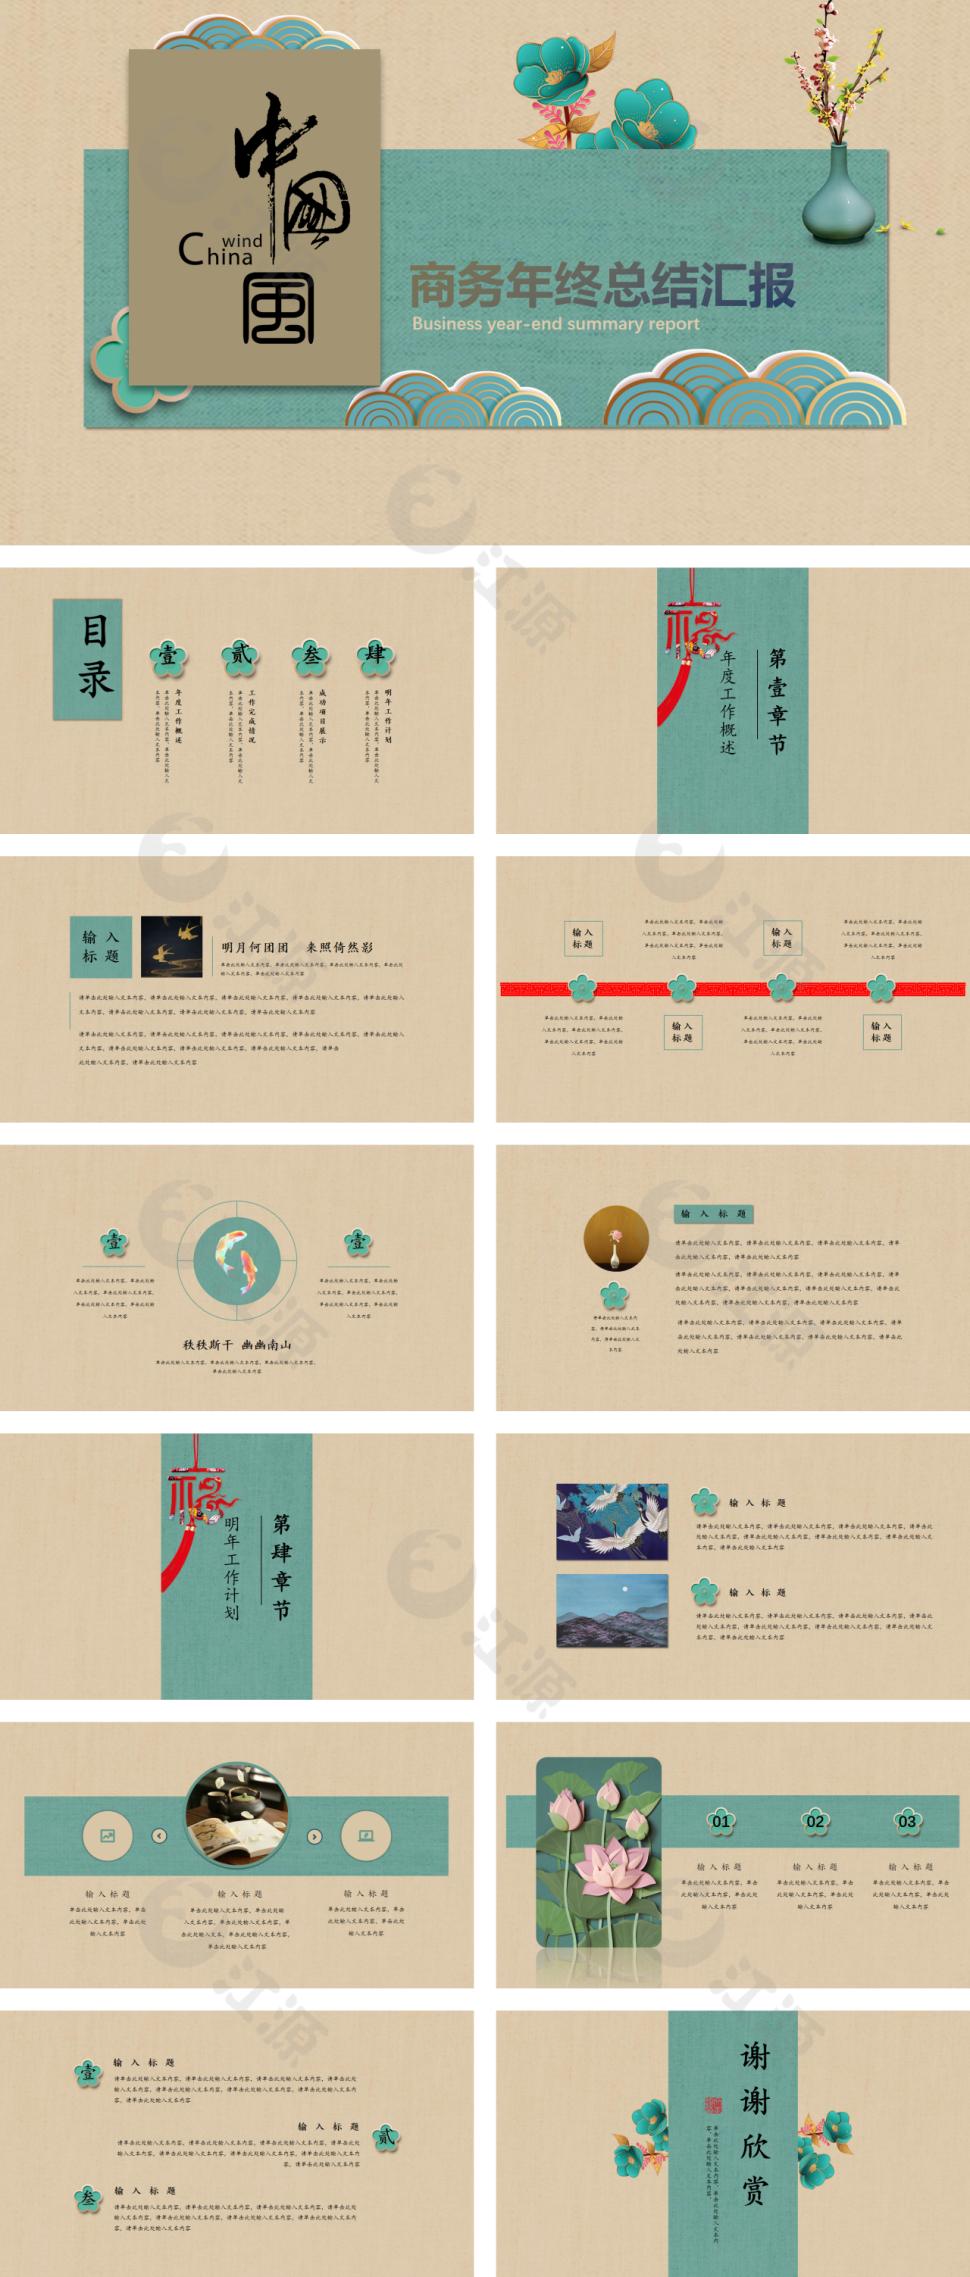 中国风商务年终总结汇报PPT模板